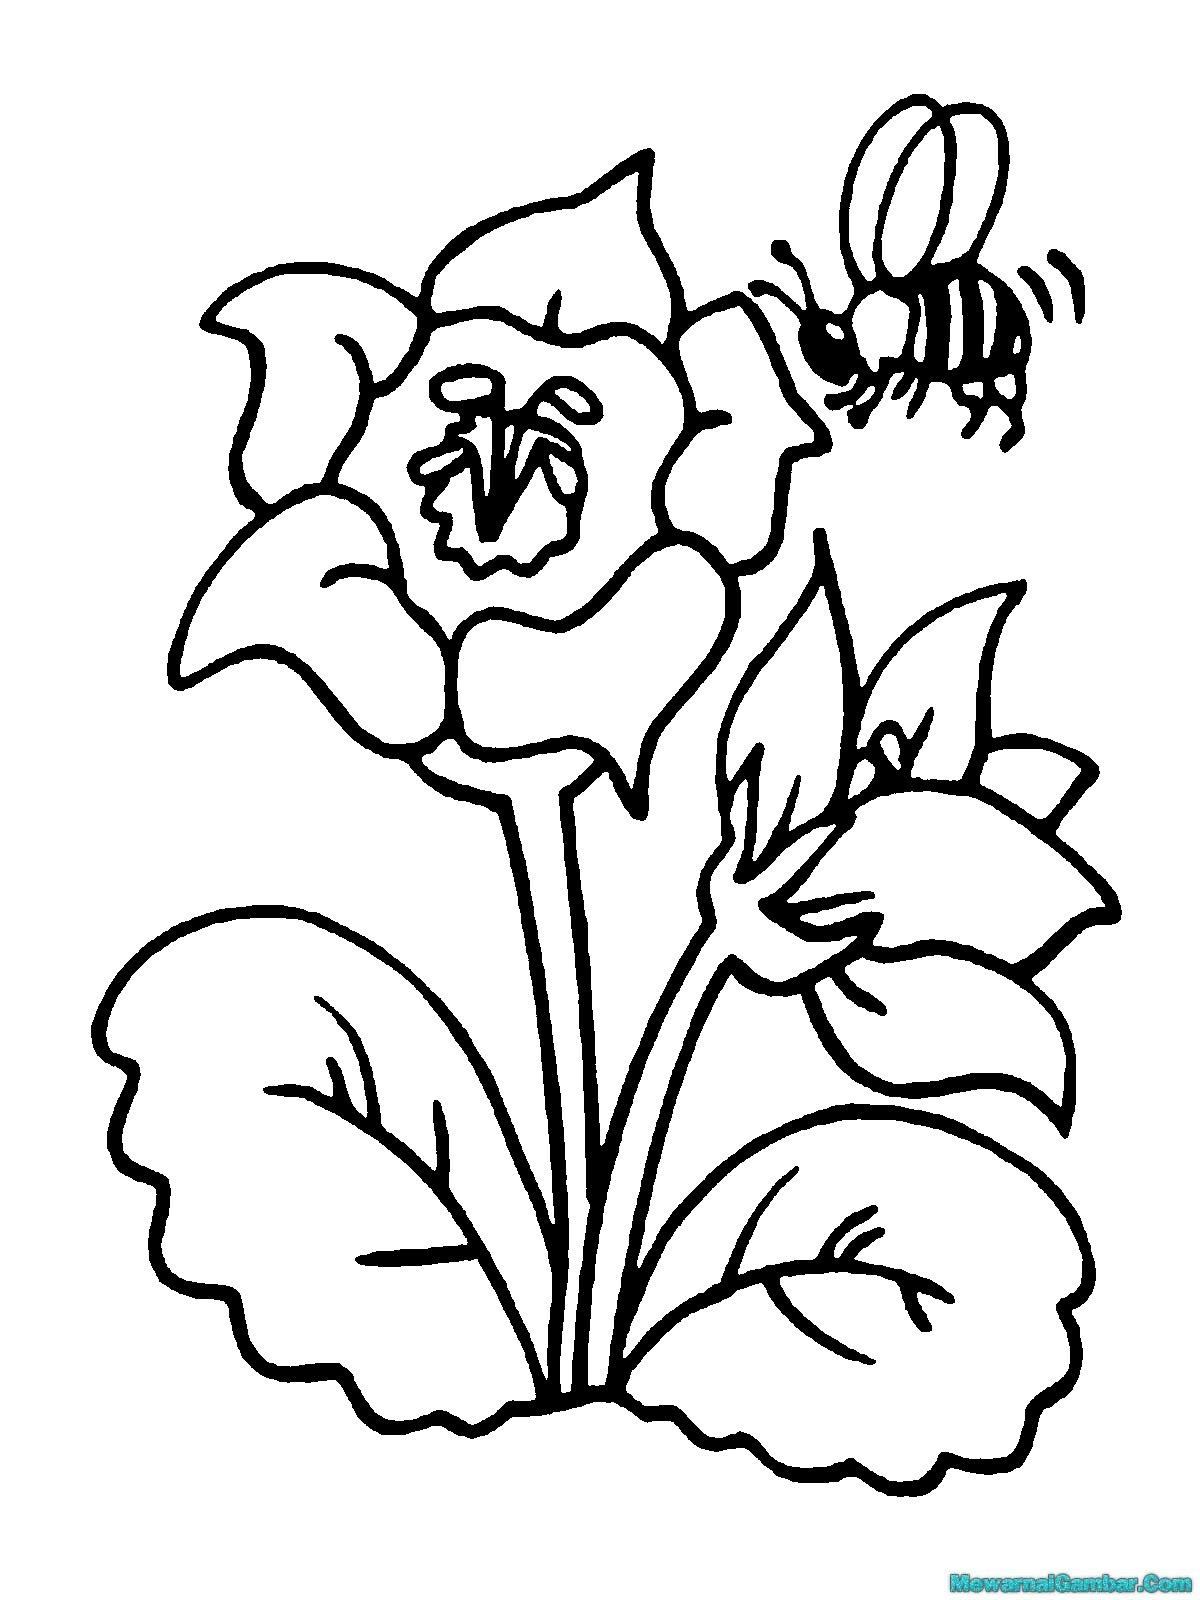 Gambar Mewarnai Kartun Download Buku Lebah Clipart